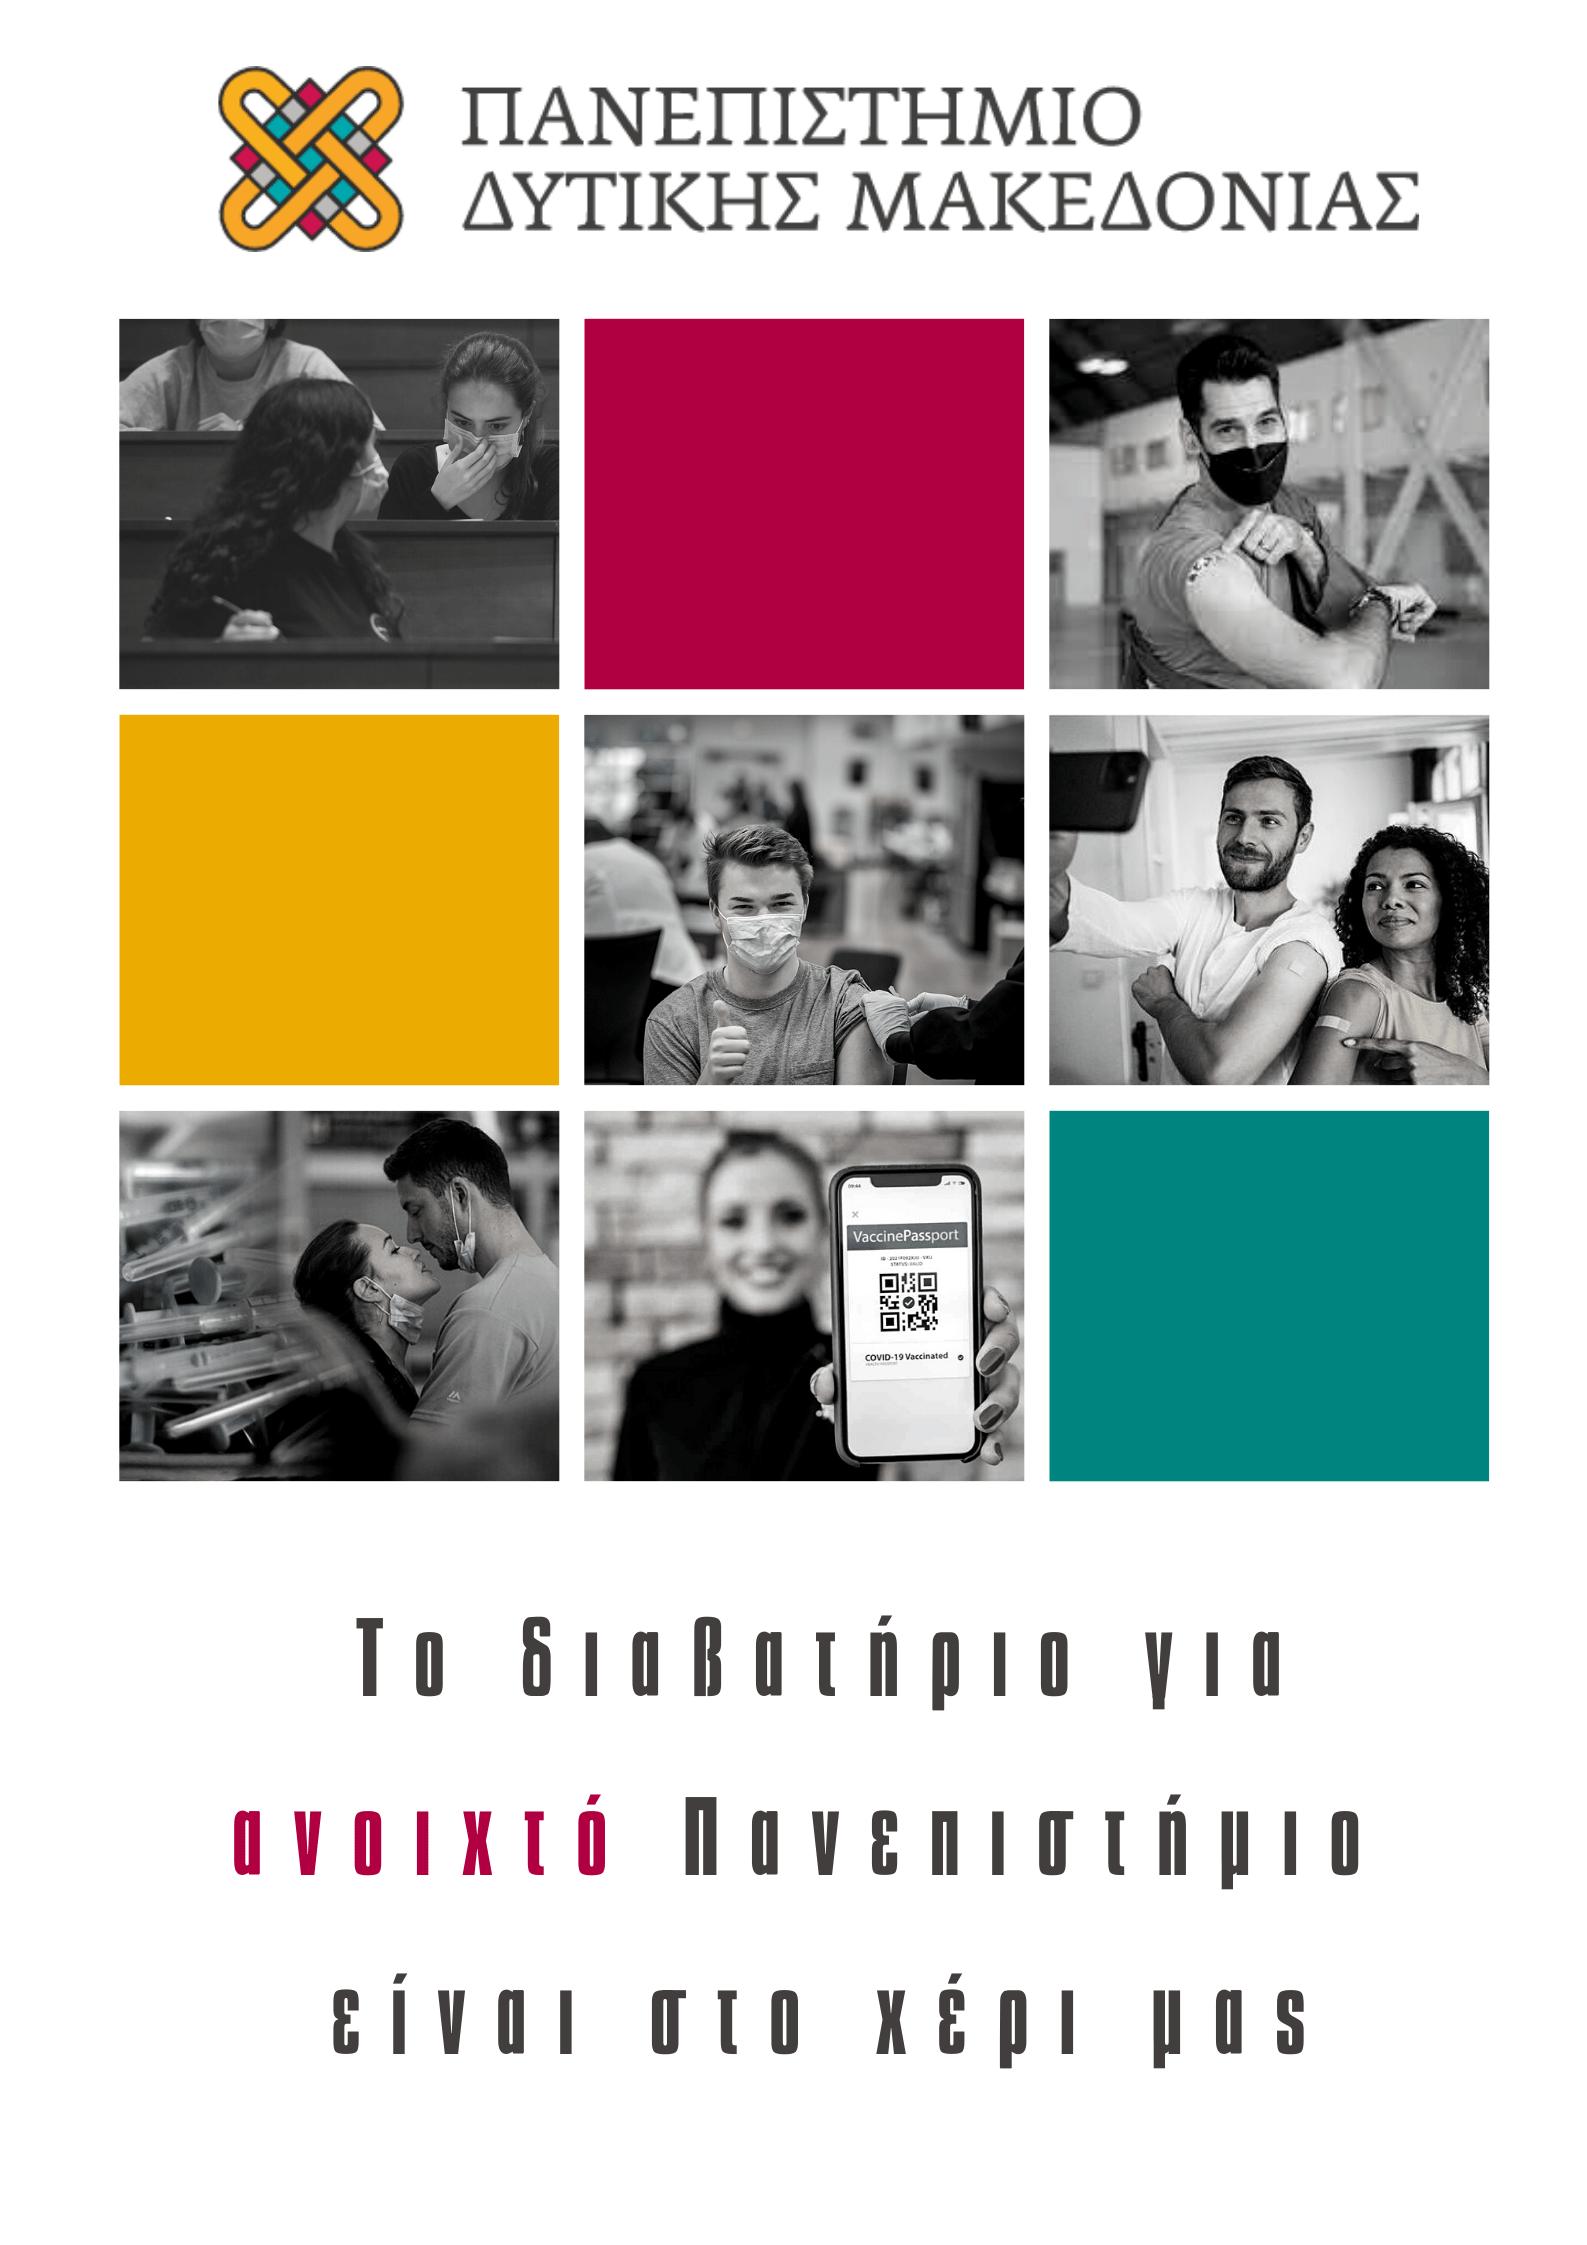 Εμβολιαστικά κέντρα Πανεπιστημίου Δυτικής Μακεδονίας.